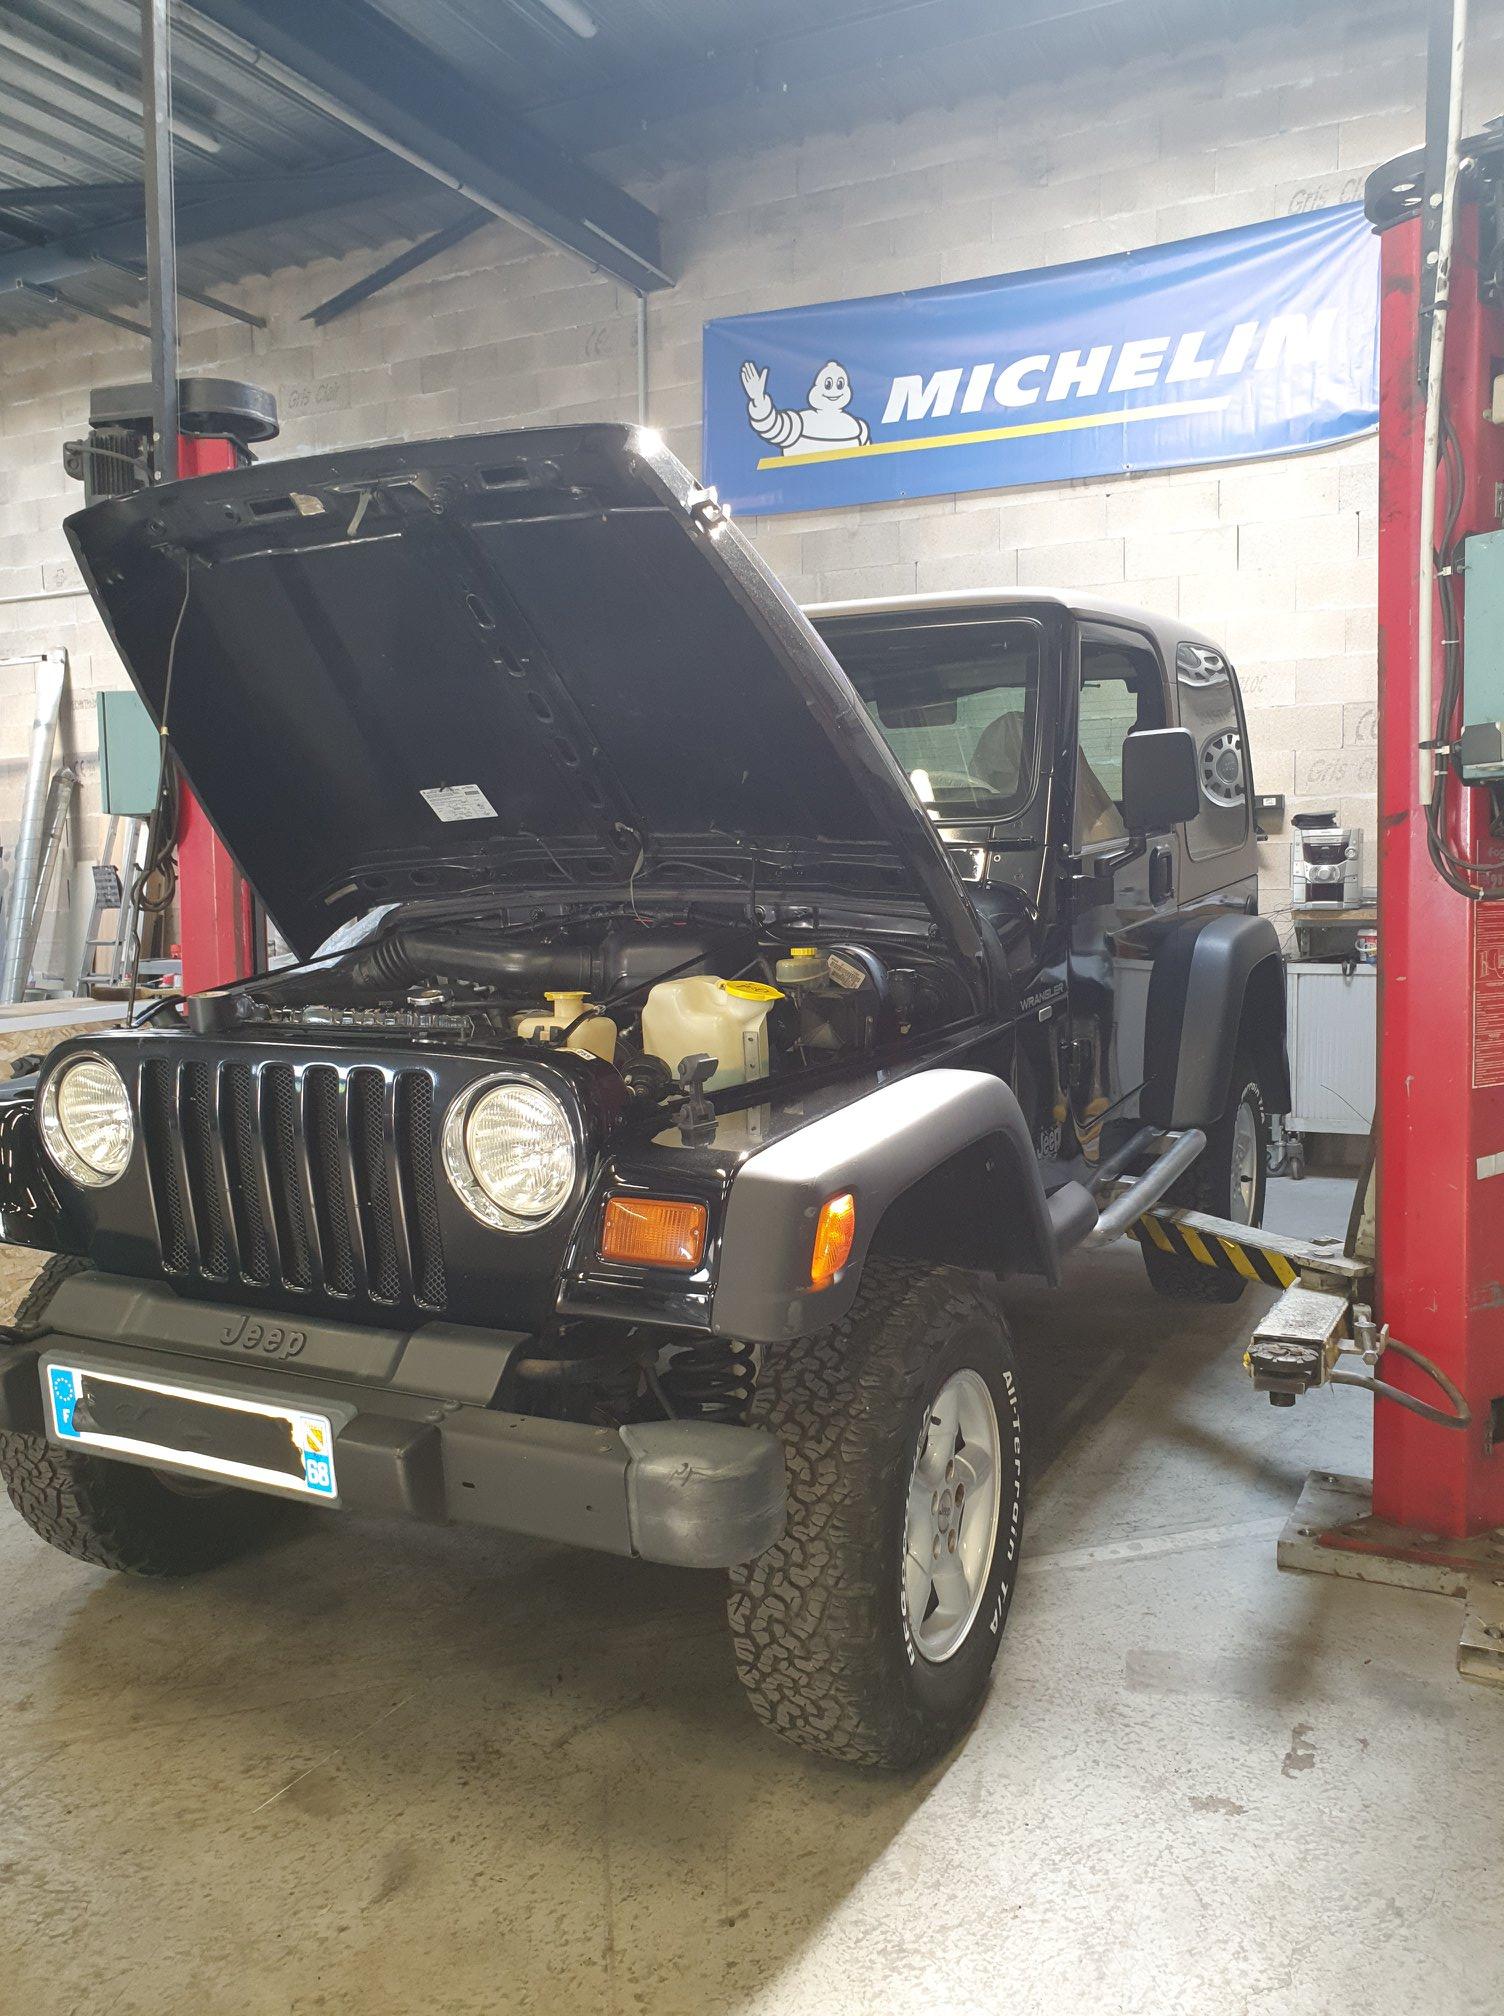 Entretien avant contrôle technique pour une Jeep réalisé par le garage JR MOTORS à Sausheim.